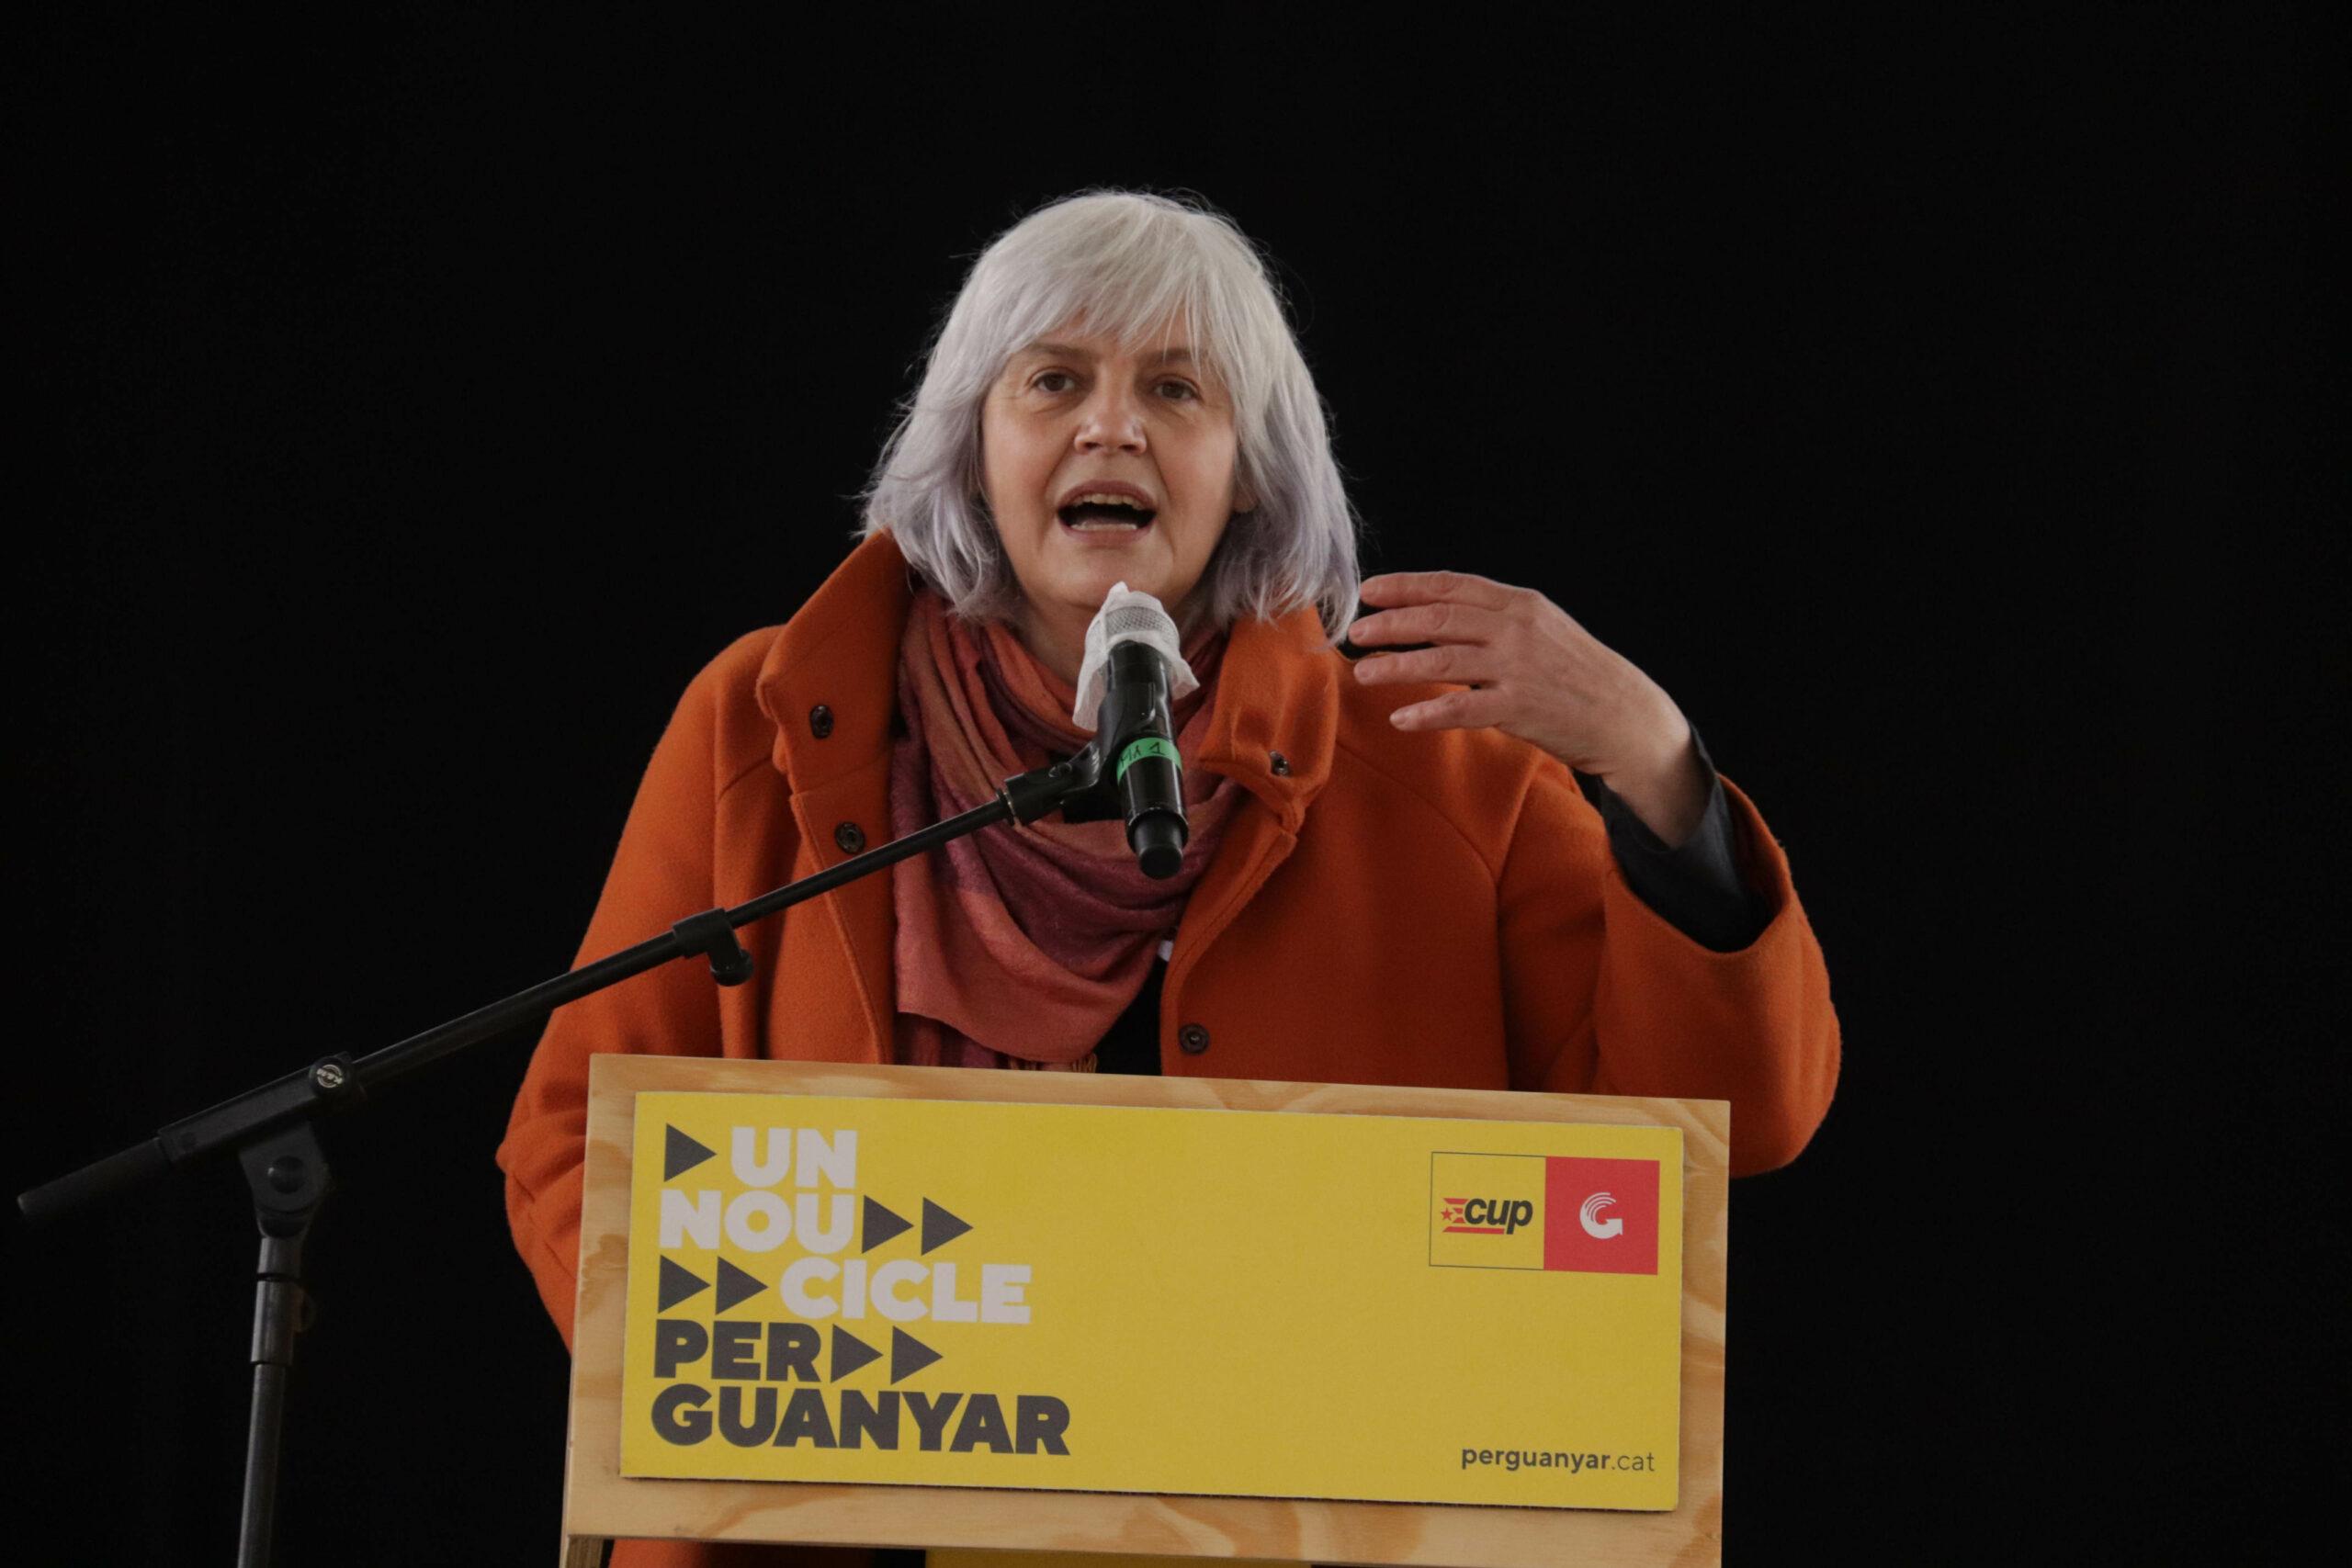 La candidata de la CUP a la presidència de la Generalitat, Dolors Sabater | ACN